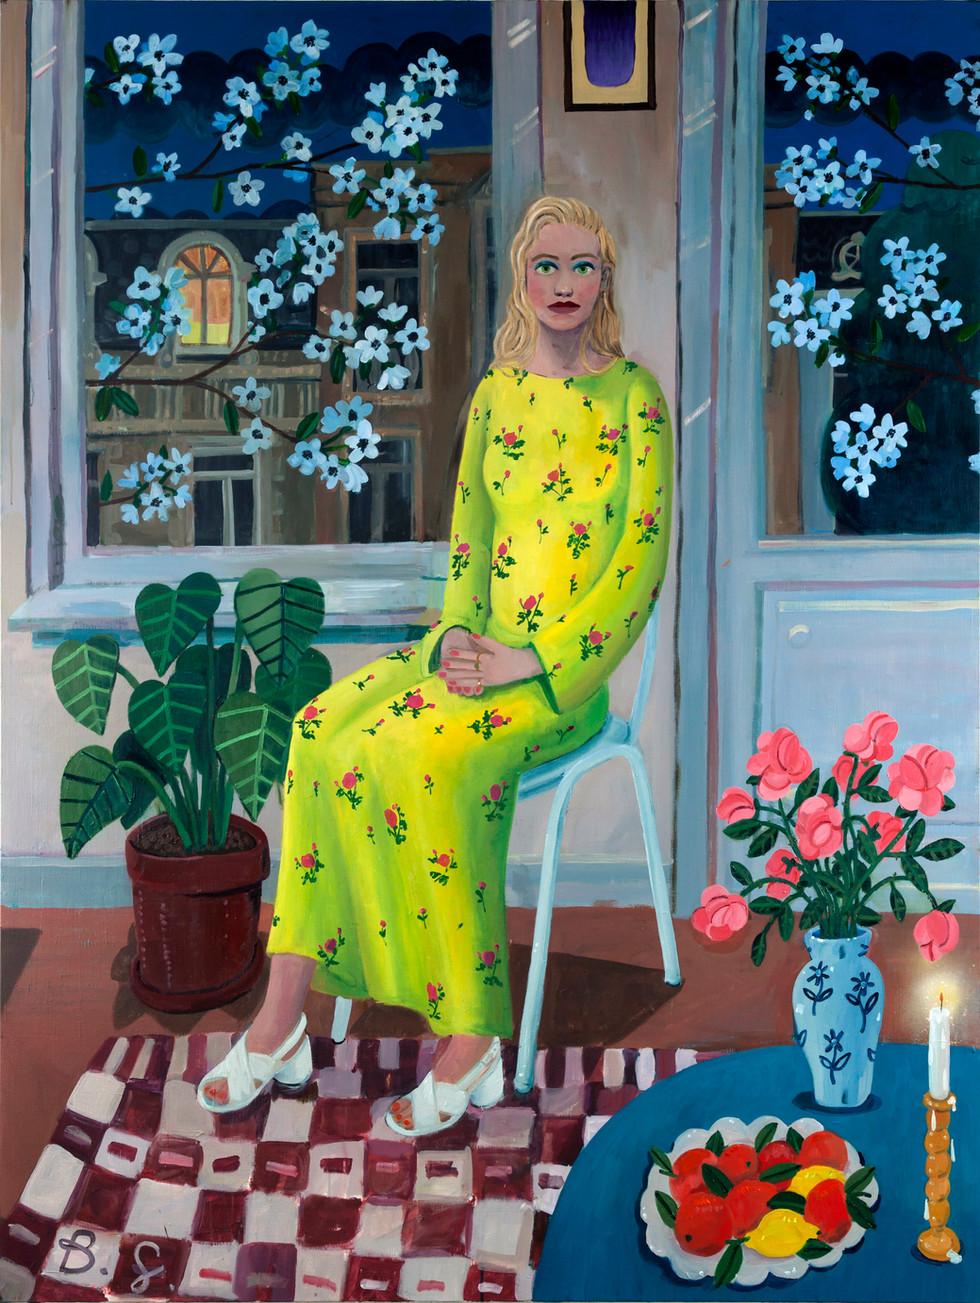 BEN SLEDSENS, Girl in the Yellow Flower Dress, 2018